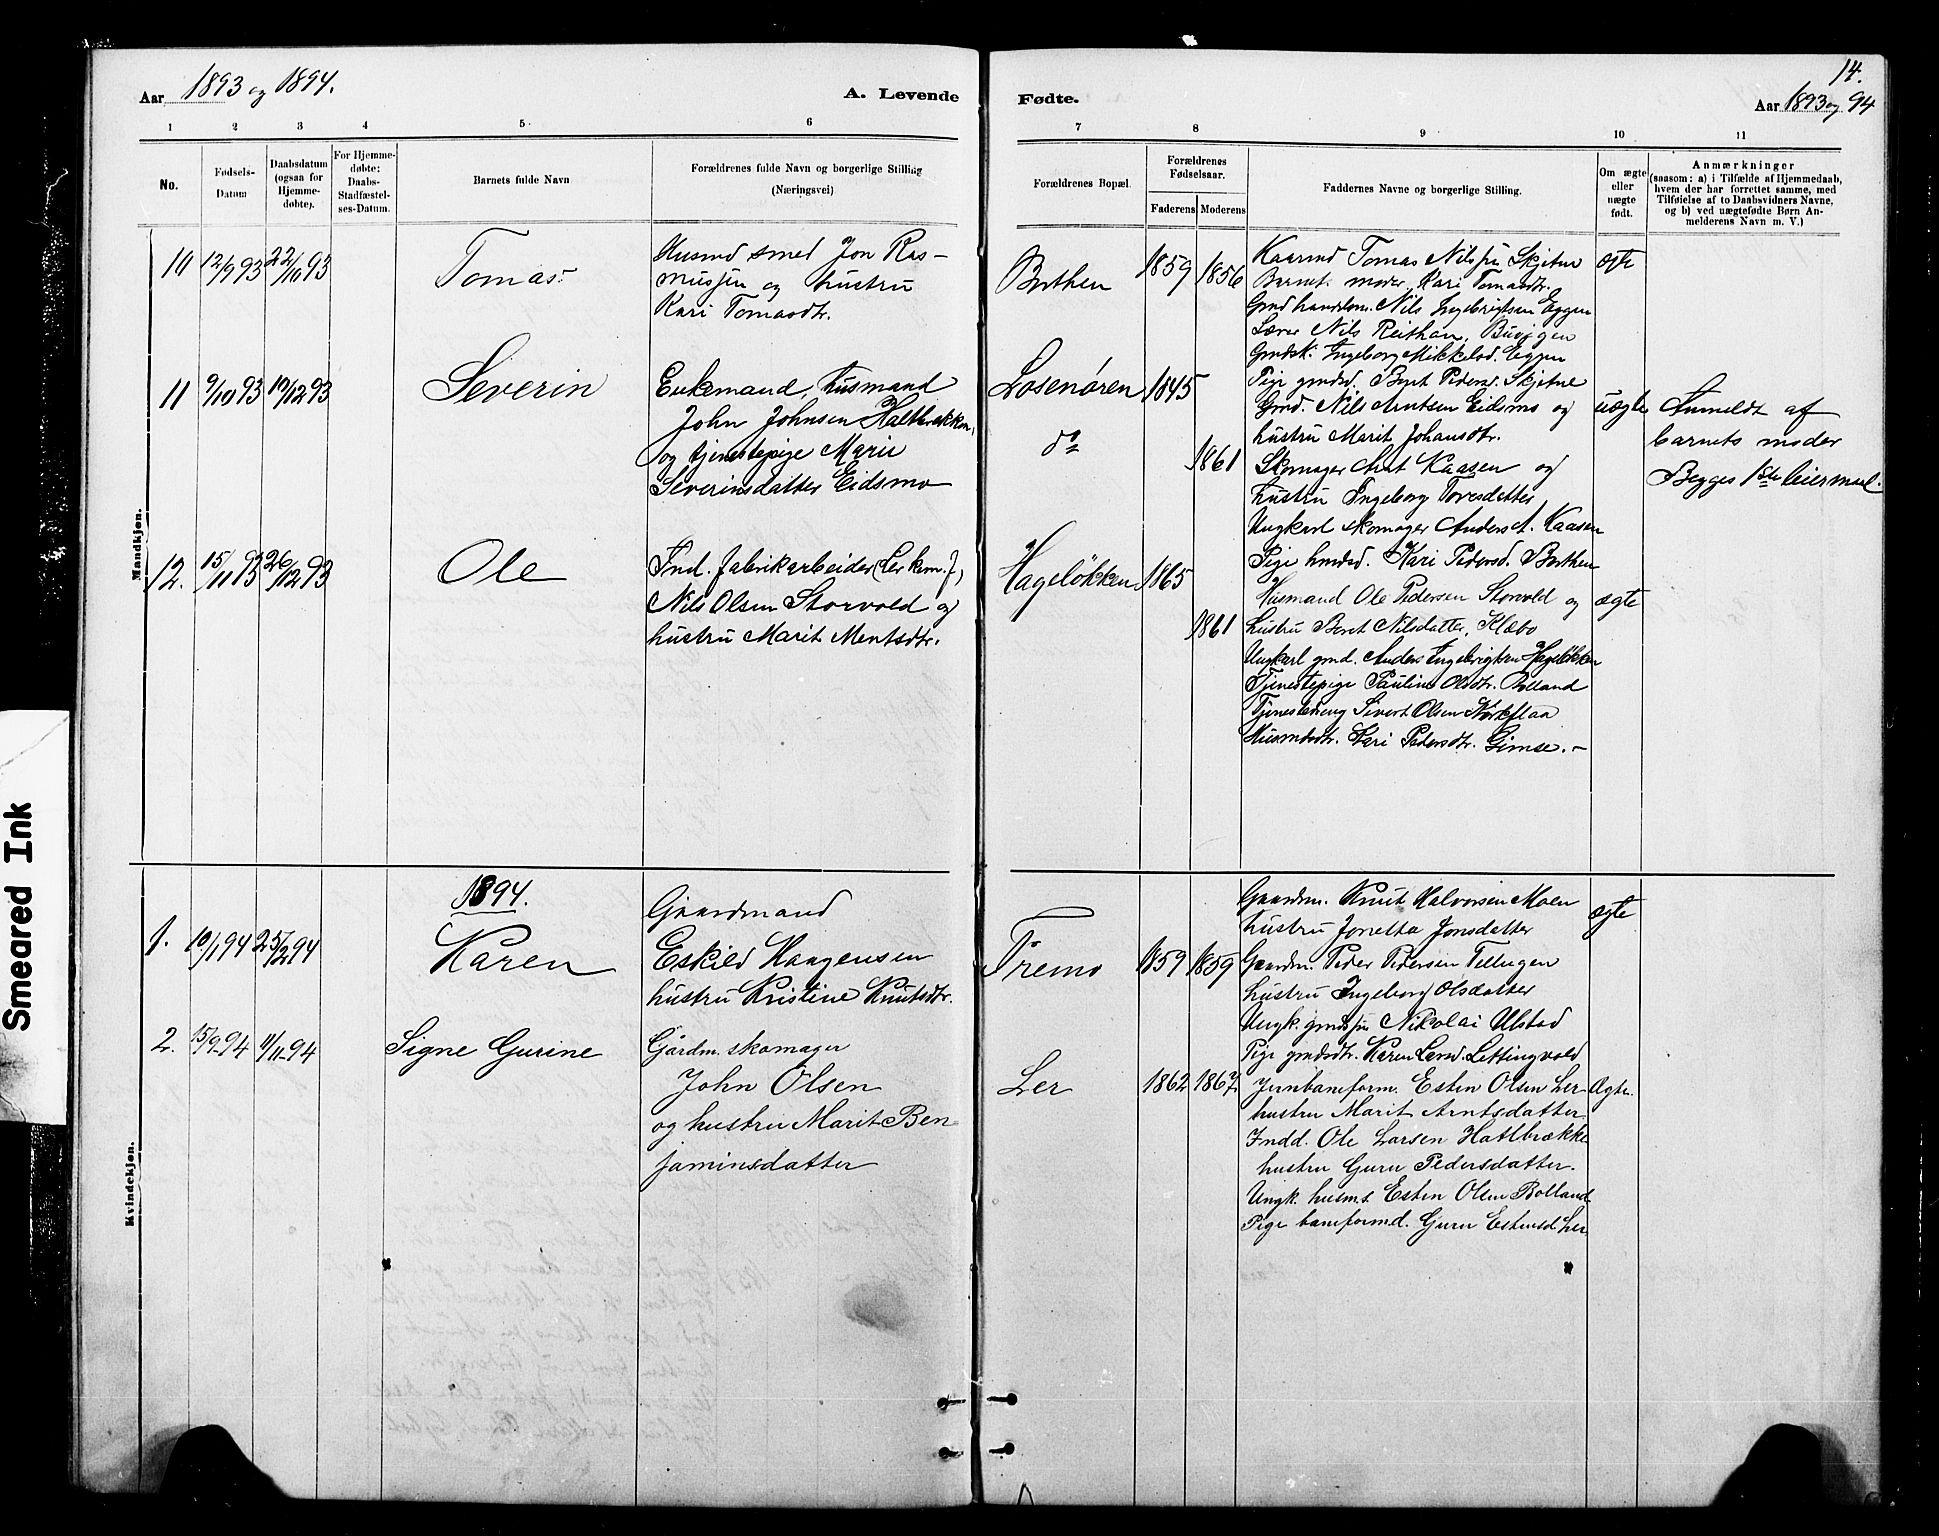 SAT, Ministerialprotokoller, klokkerbøker og fødselsregistre - Sør-Trøndelag, 693/L1123: Klokkerbok nr. 693C04, 1887-1910, s. 14